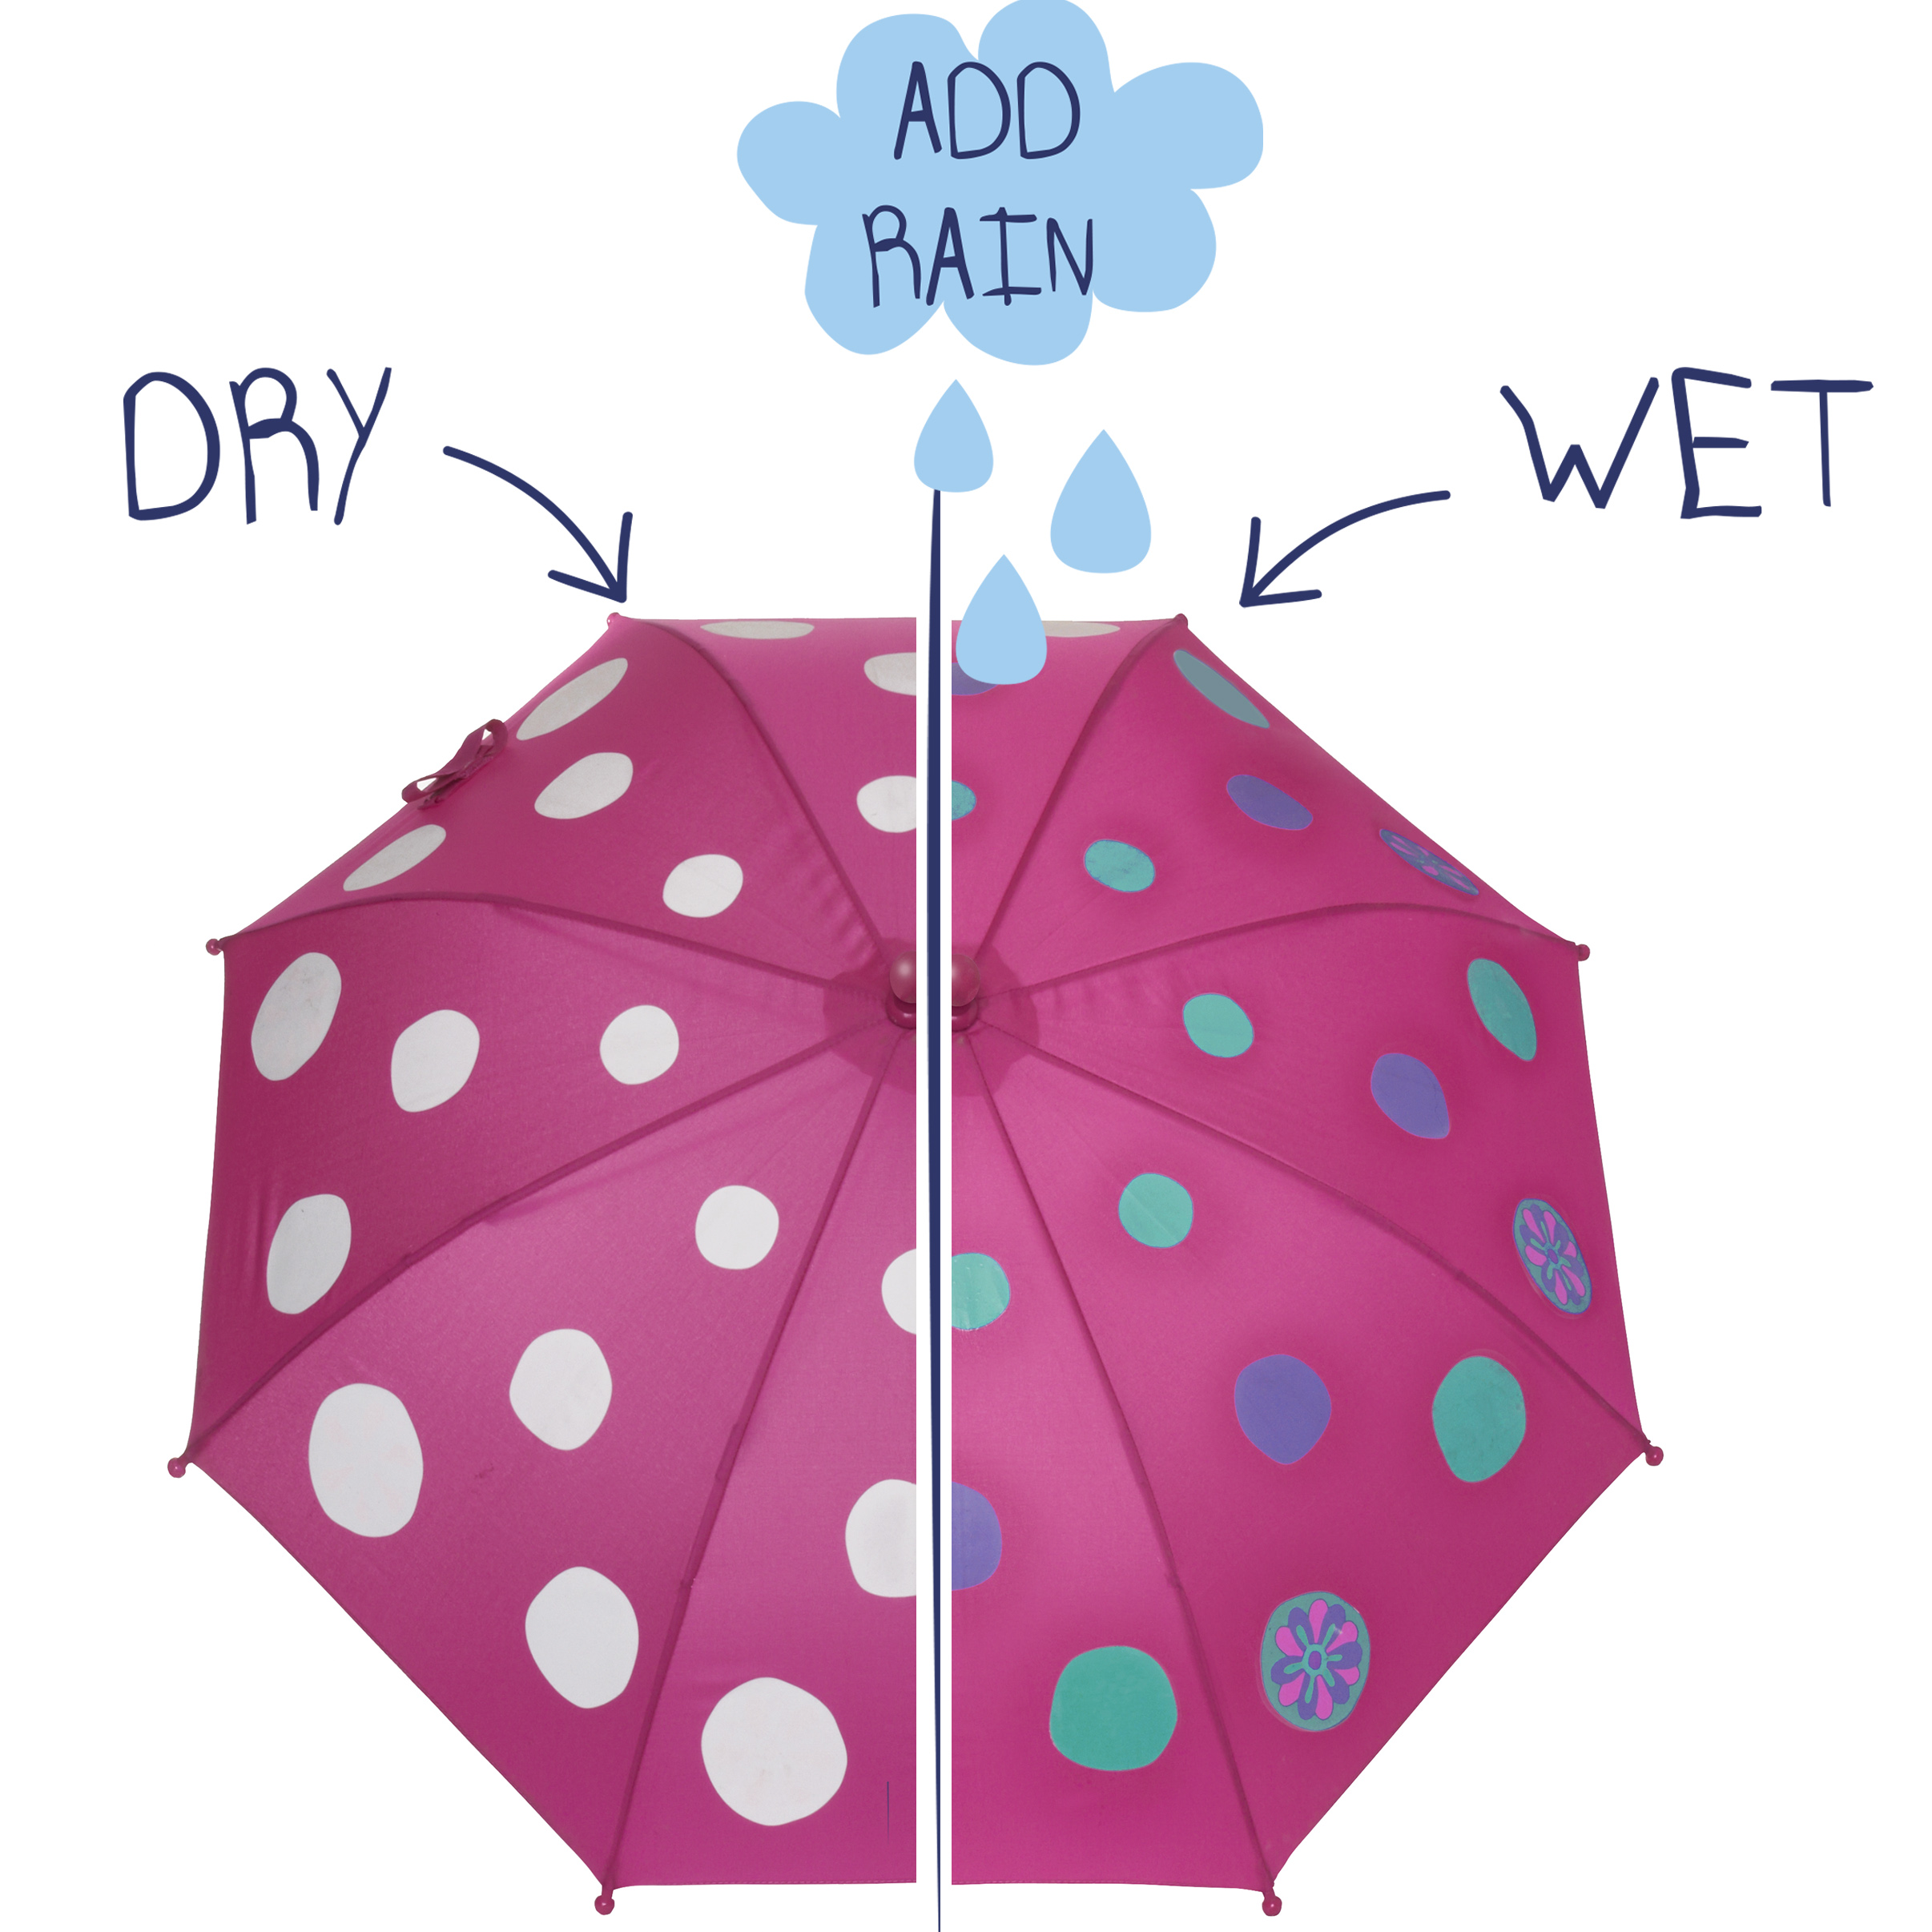 Girl_Umbrella_Polkadot_front_drywet.jpg